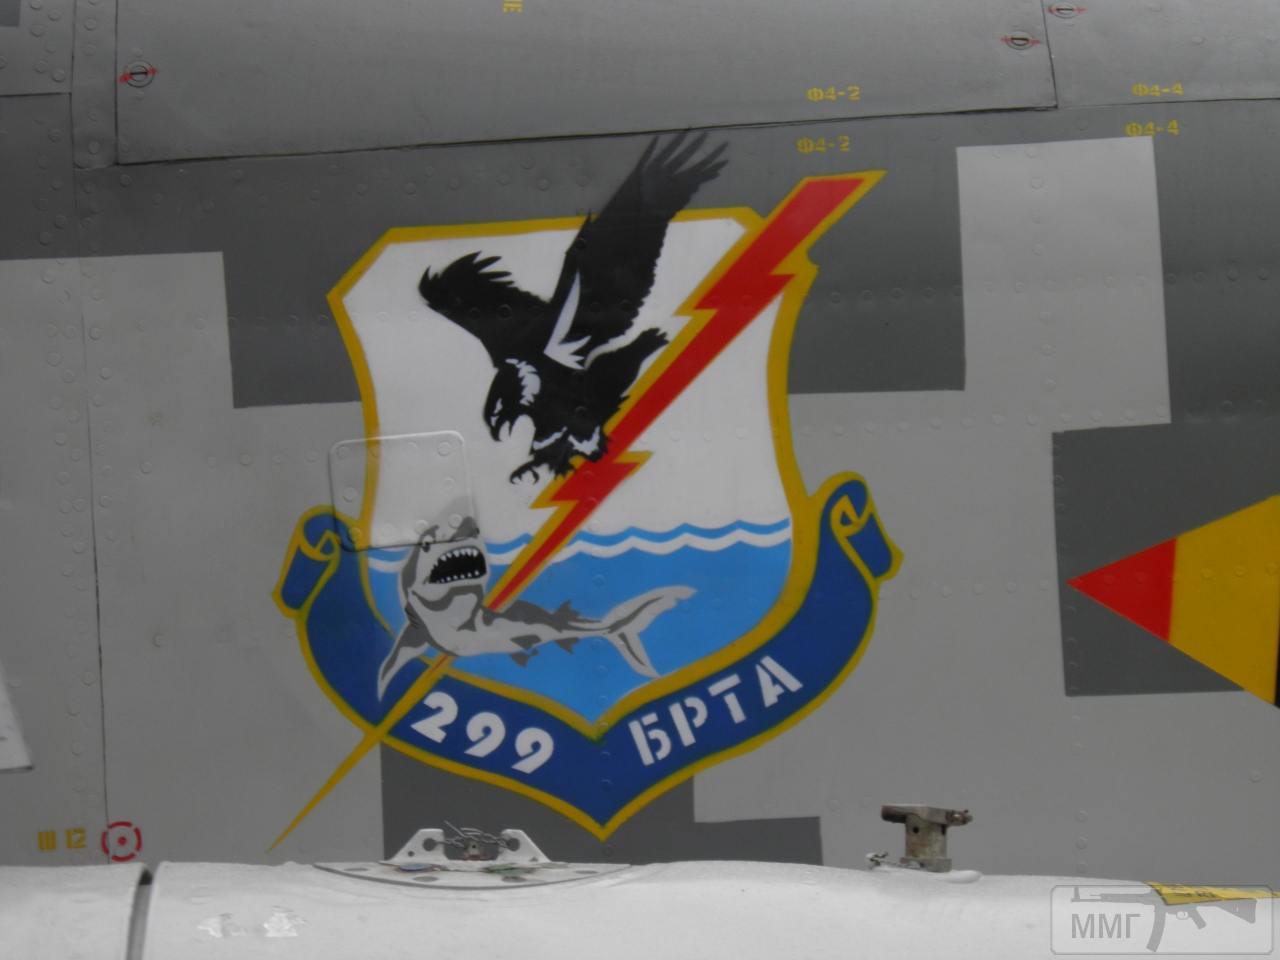 33146 - Воздушные Силы Вооруженных Сил Украины